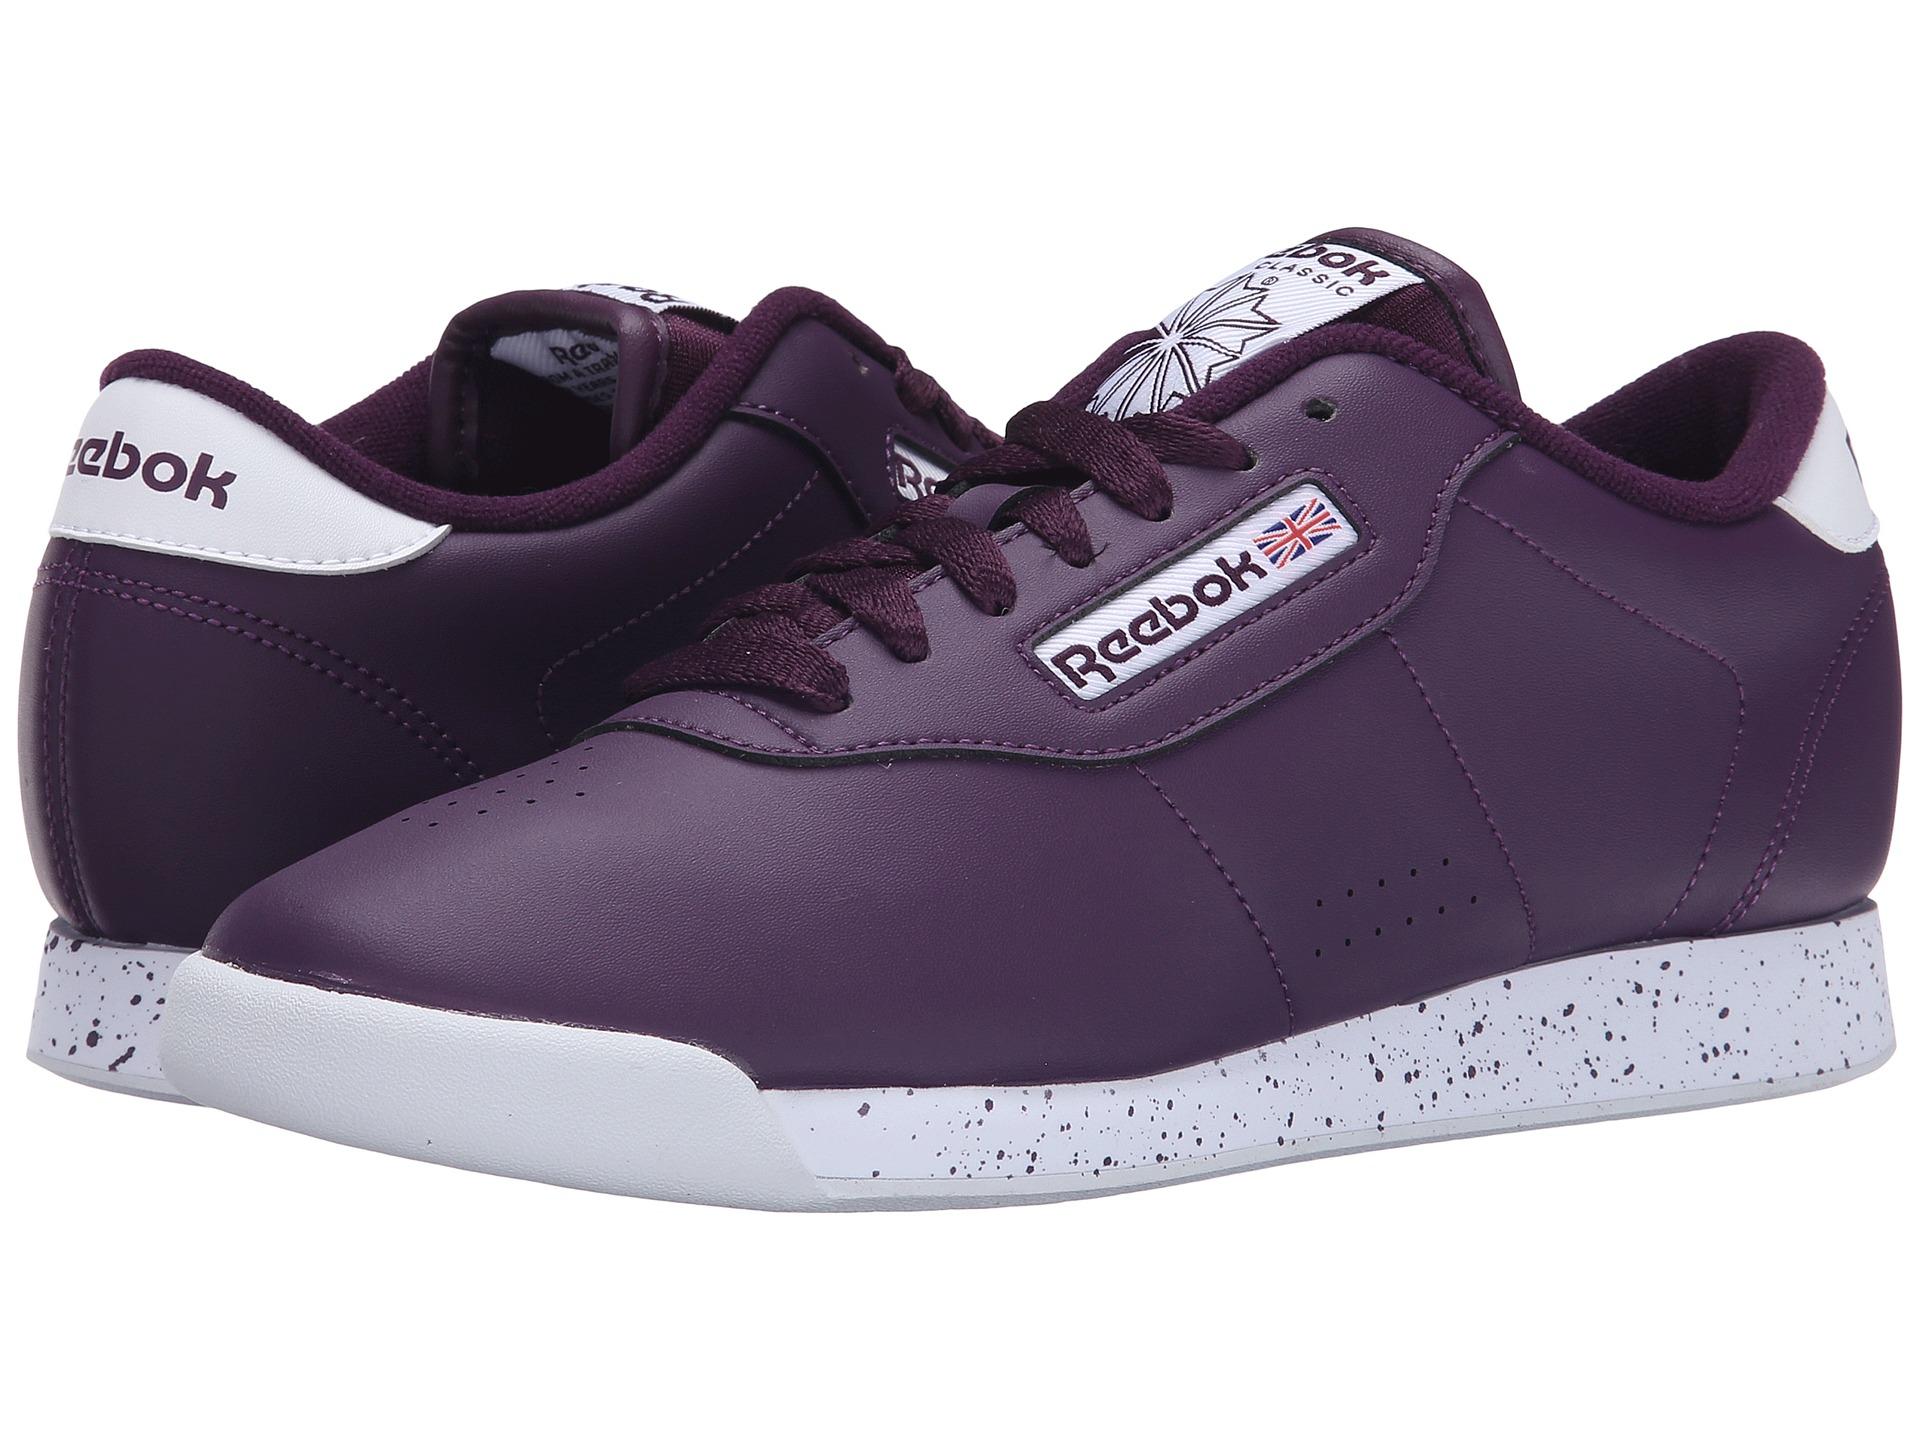 de9c3904b8d Lyst - Reebok Princess Spe in Purple